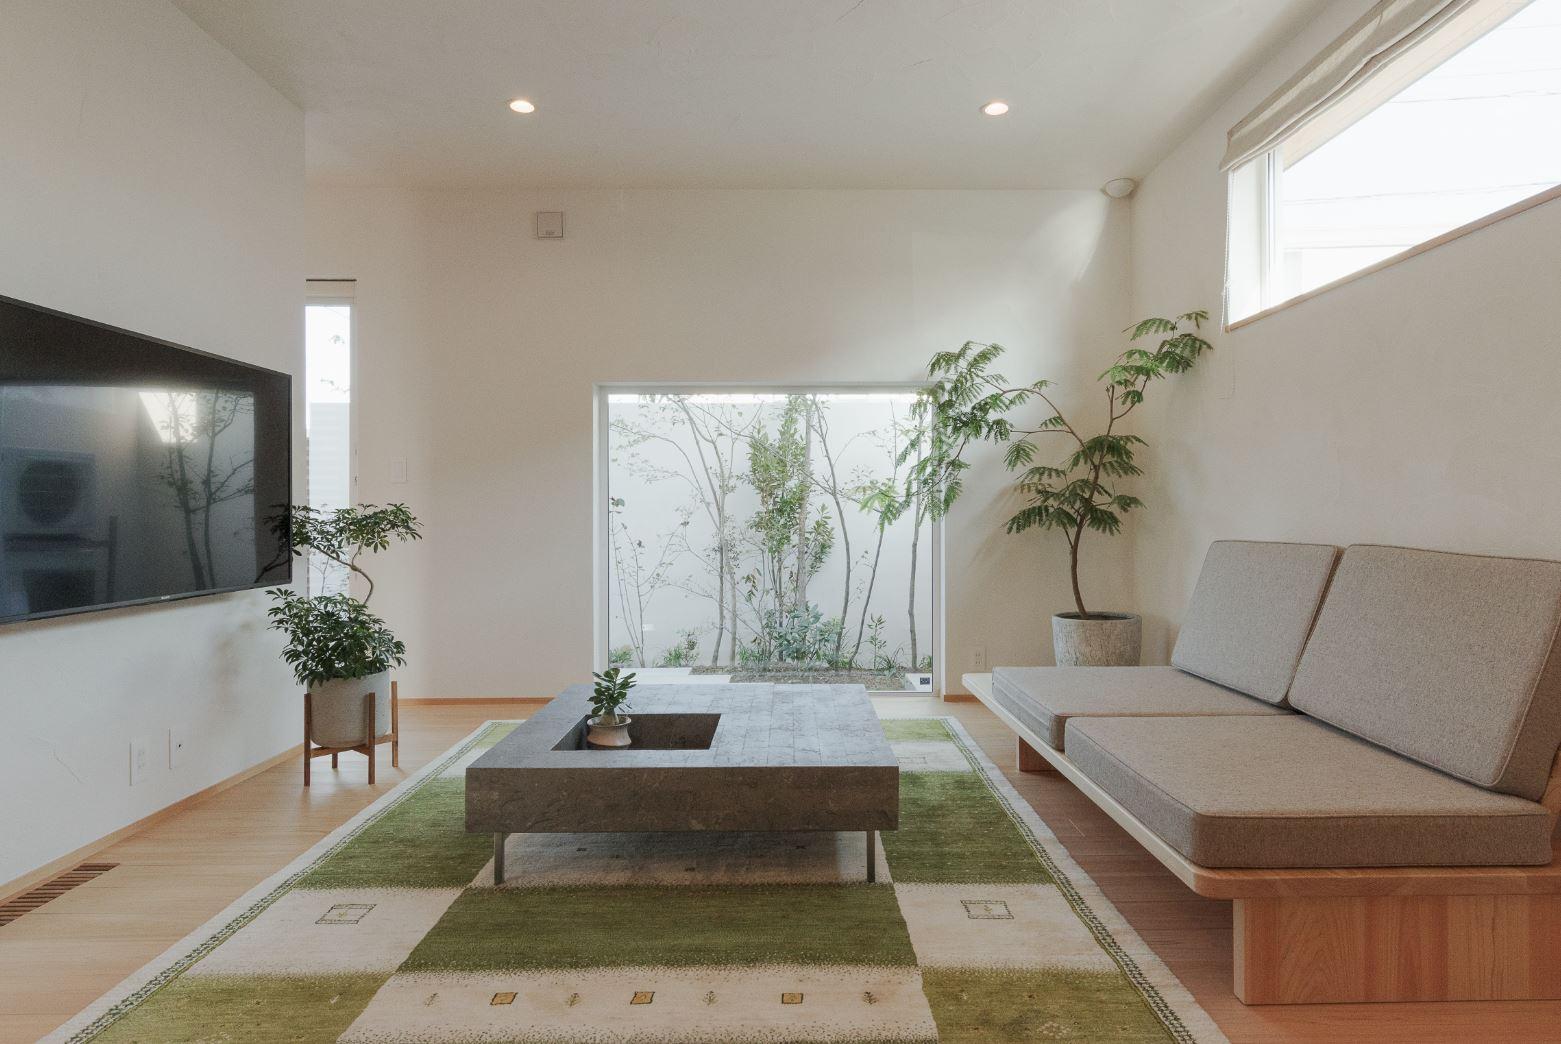 """アイジースタイルハウス【浜松市東区和田町439-1・モデルハウス】ホームシアター感覚でゆったりとくつろげるリビング。大きなFIX窓に映る中庭のビオトープは、額縁で切り取った写真のように見える。まさに""""感情がデザインされる""""空間だ"""